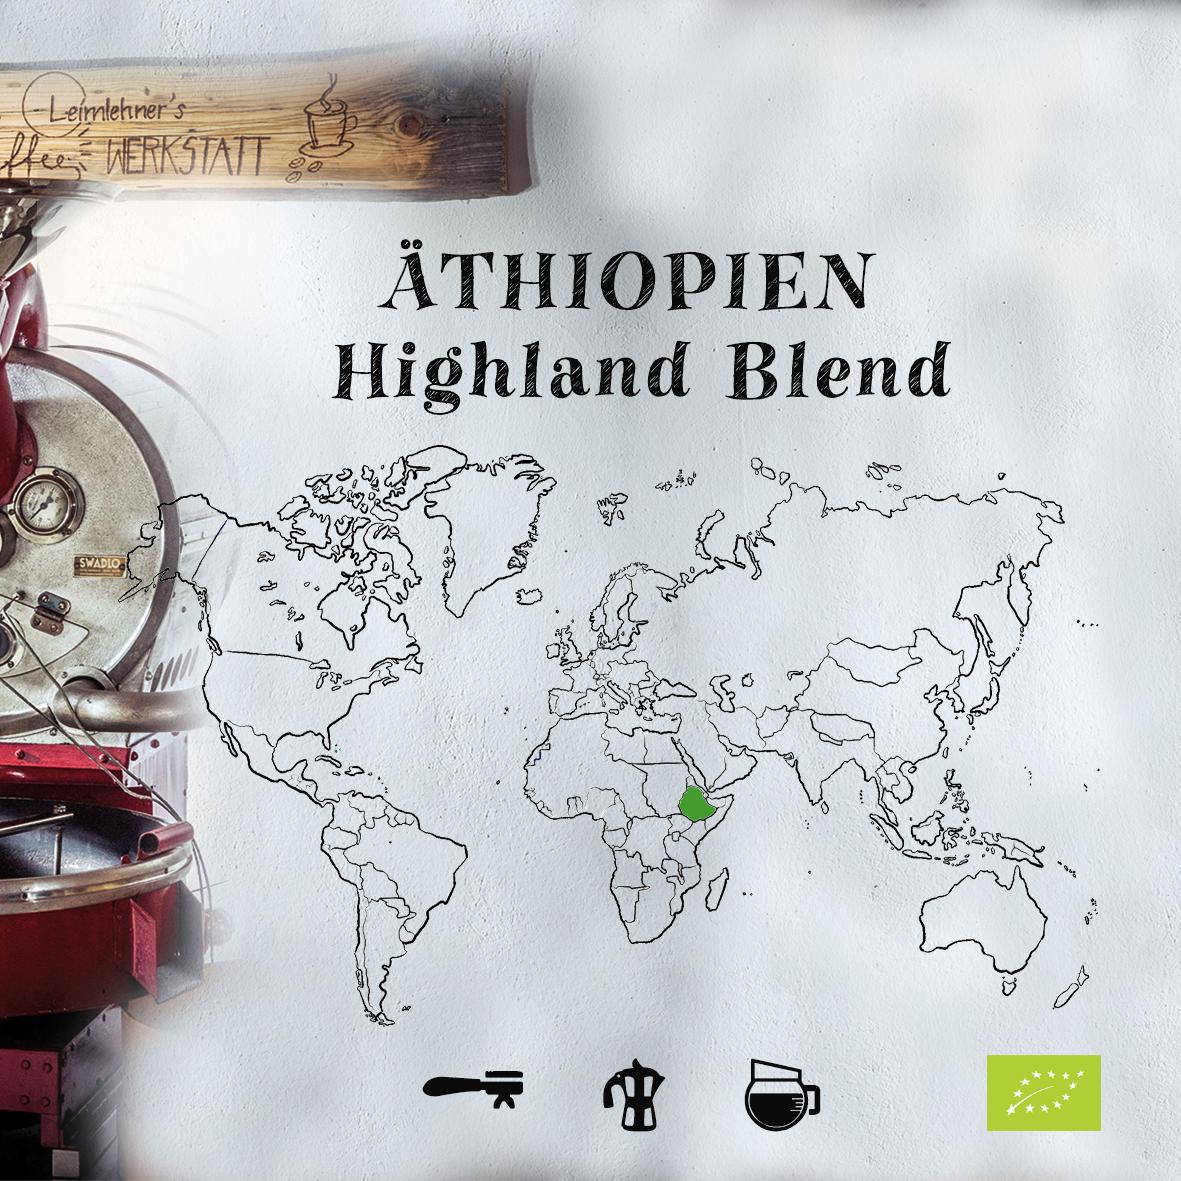 Äthiopien highland blend1